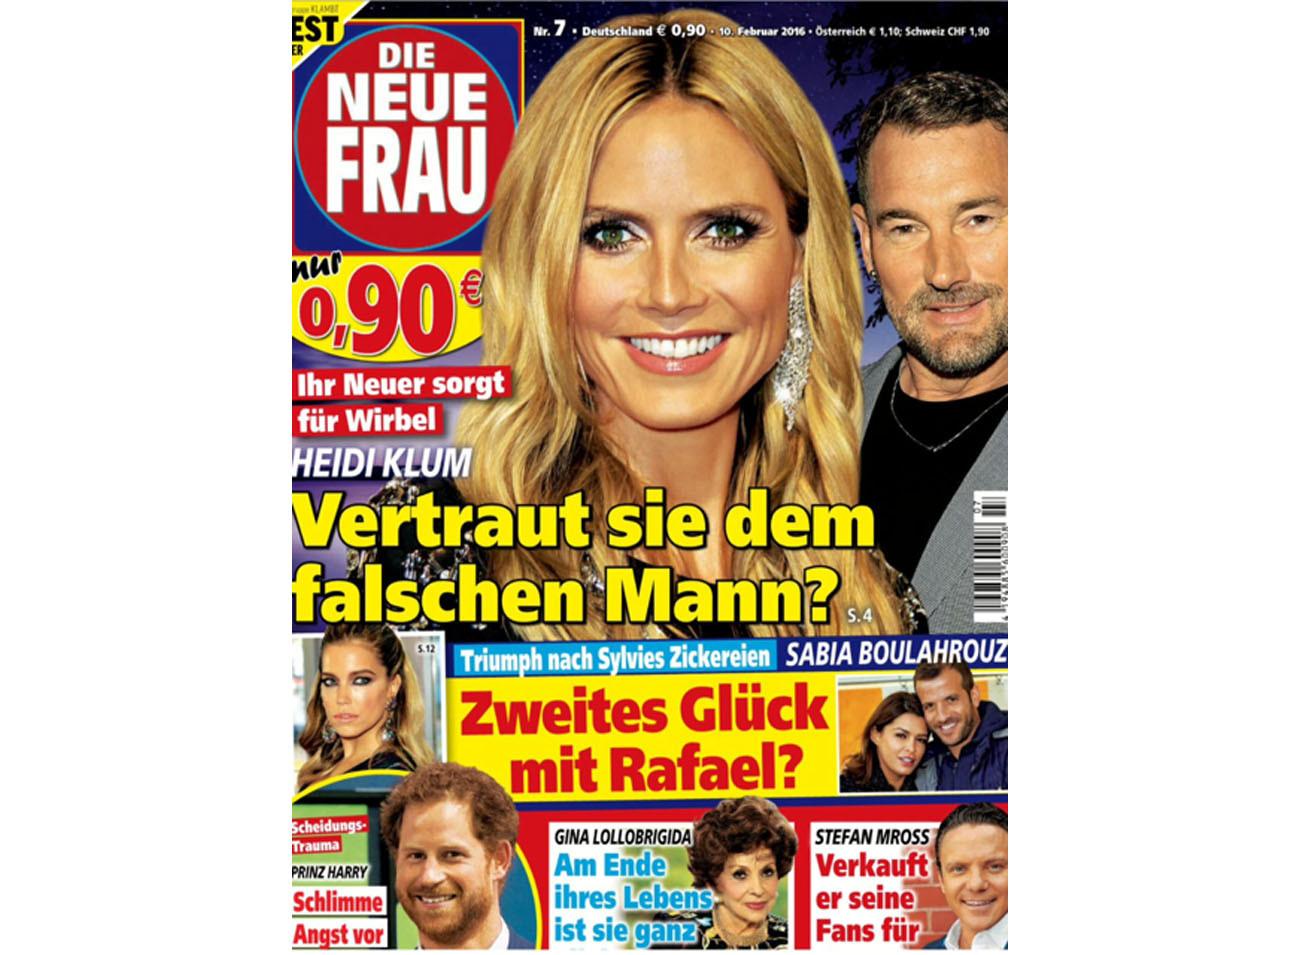 Die Neue Frau 10.02.2016 Cover